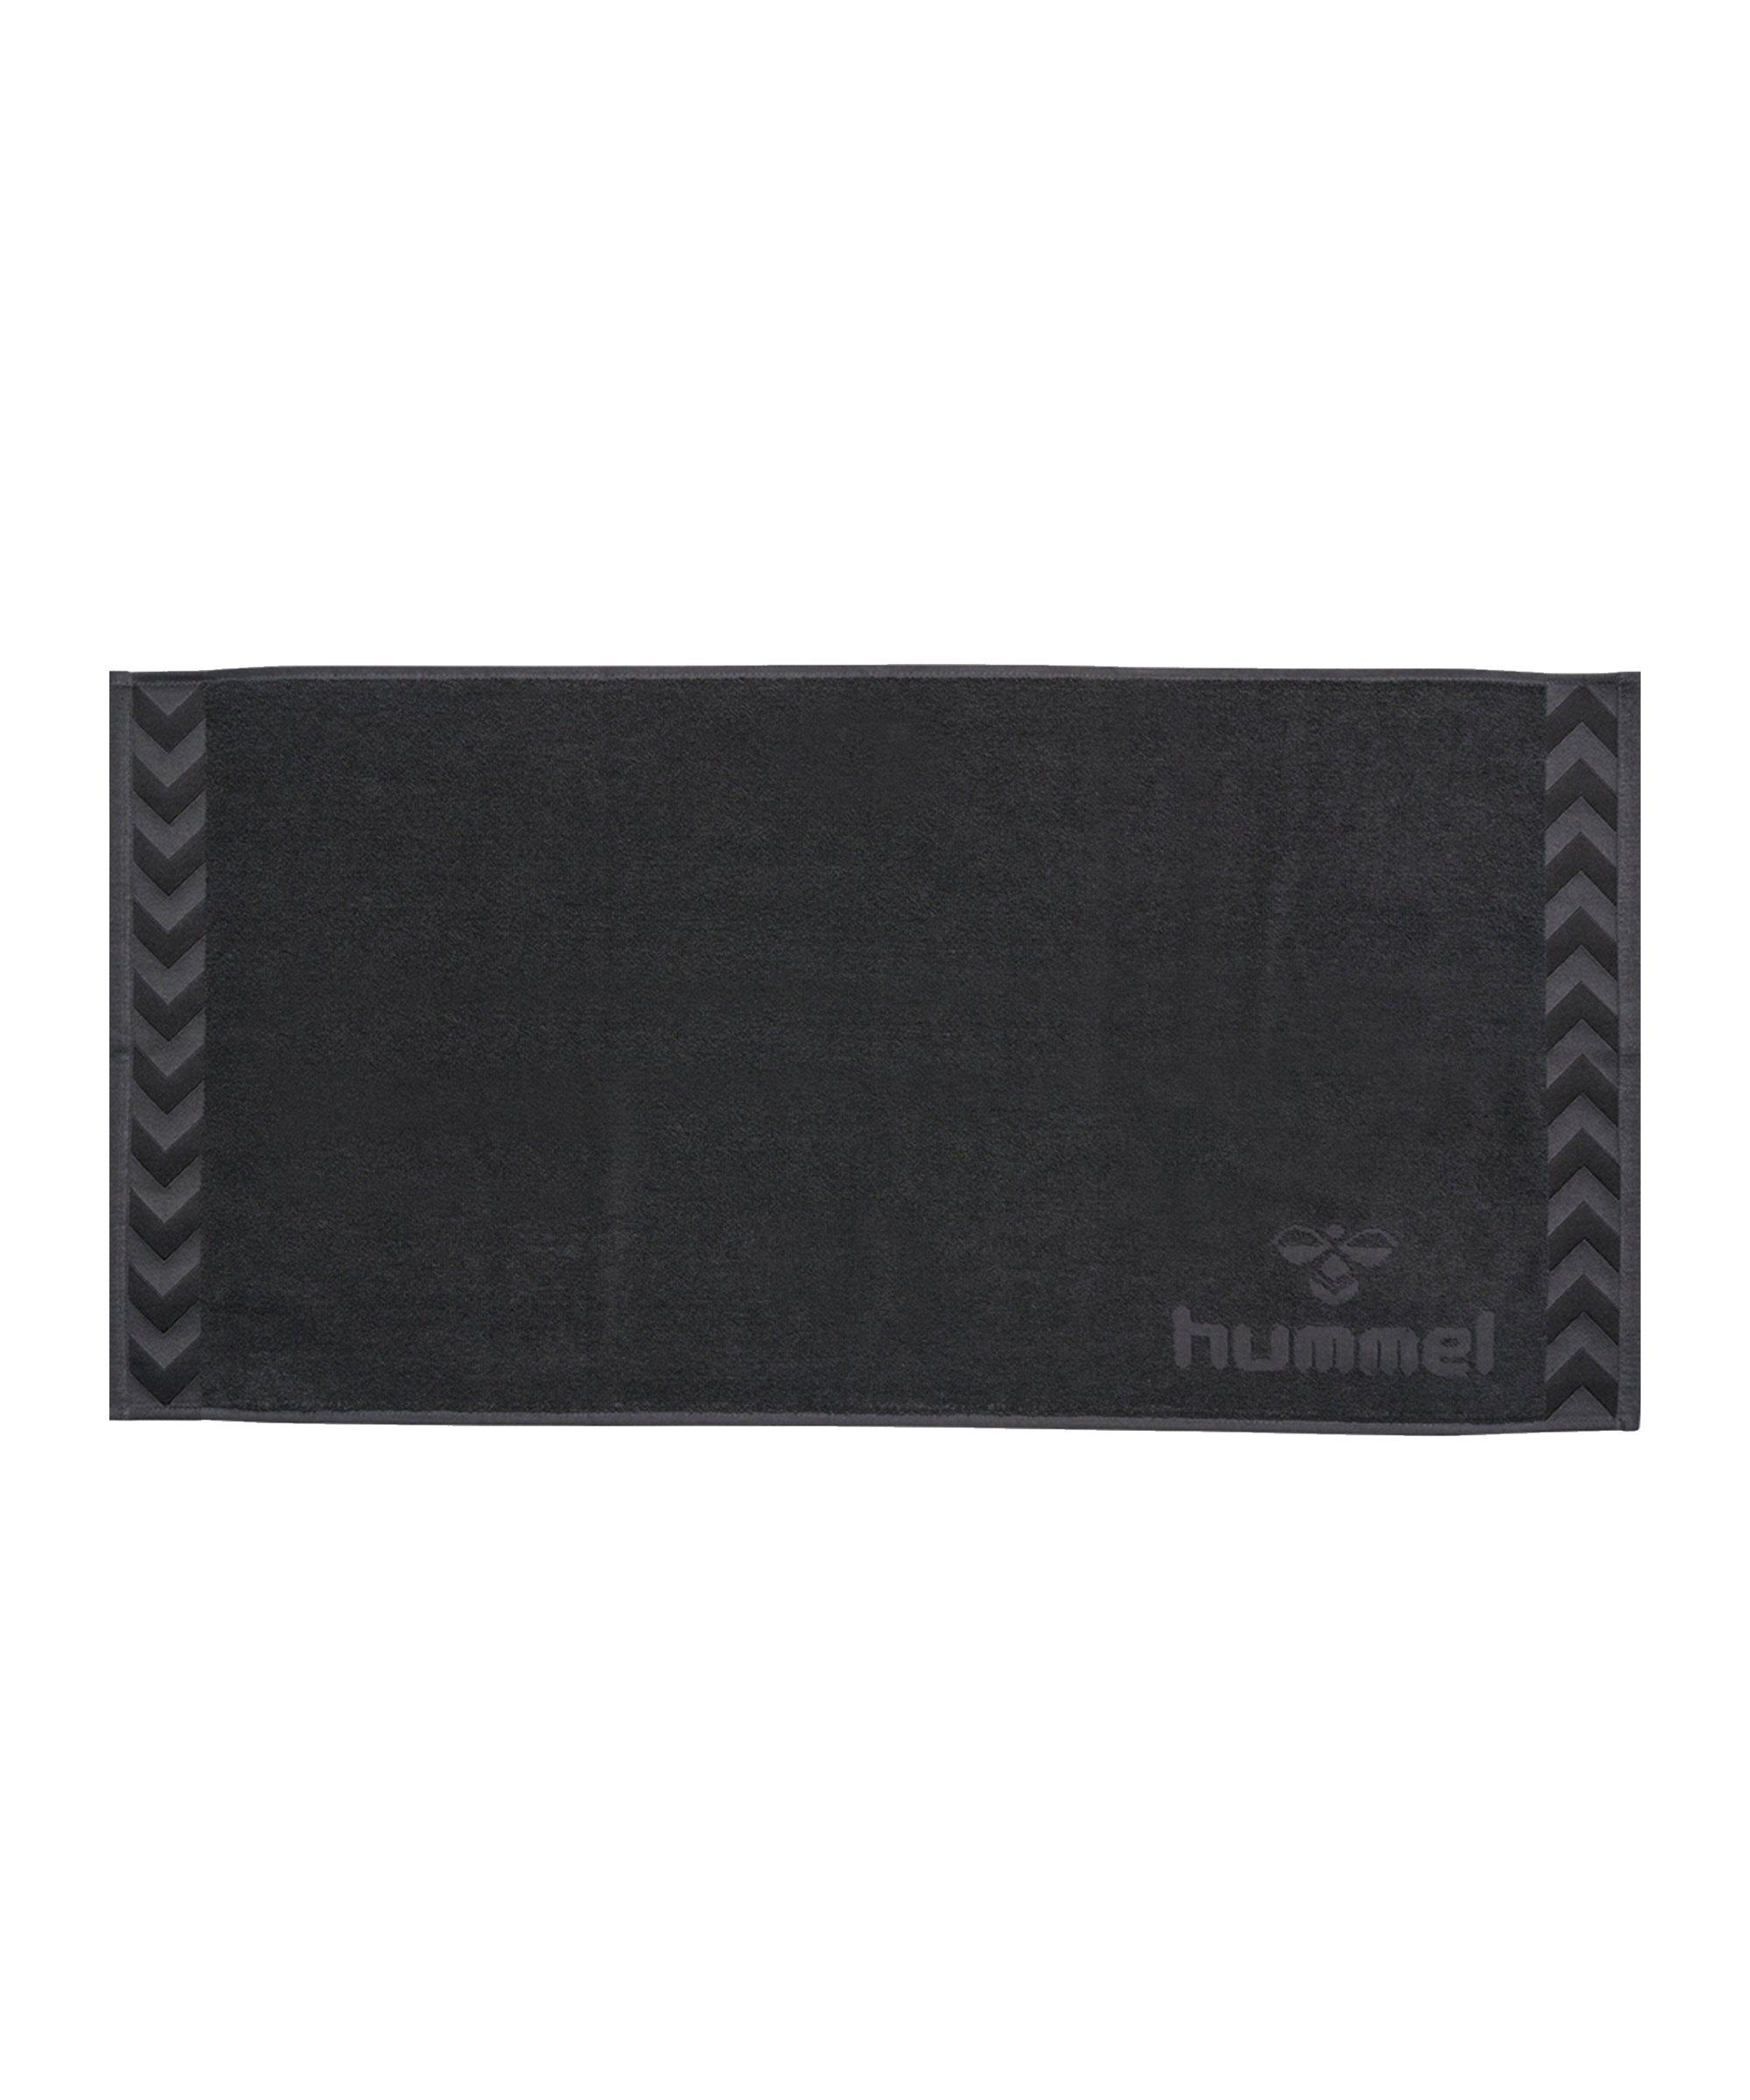 Hummel Old School Small Towel Handtuch F1525 - grau